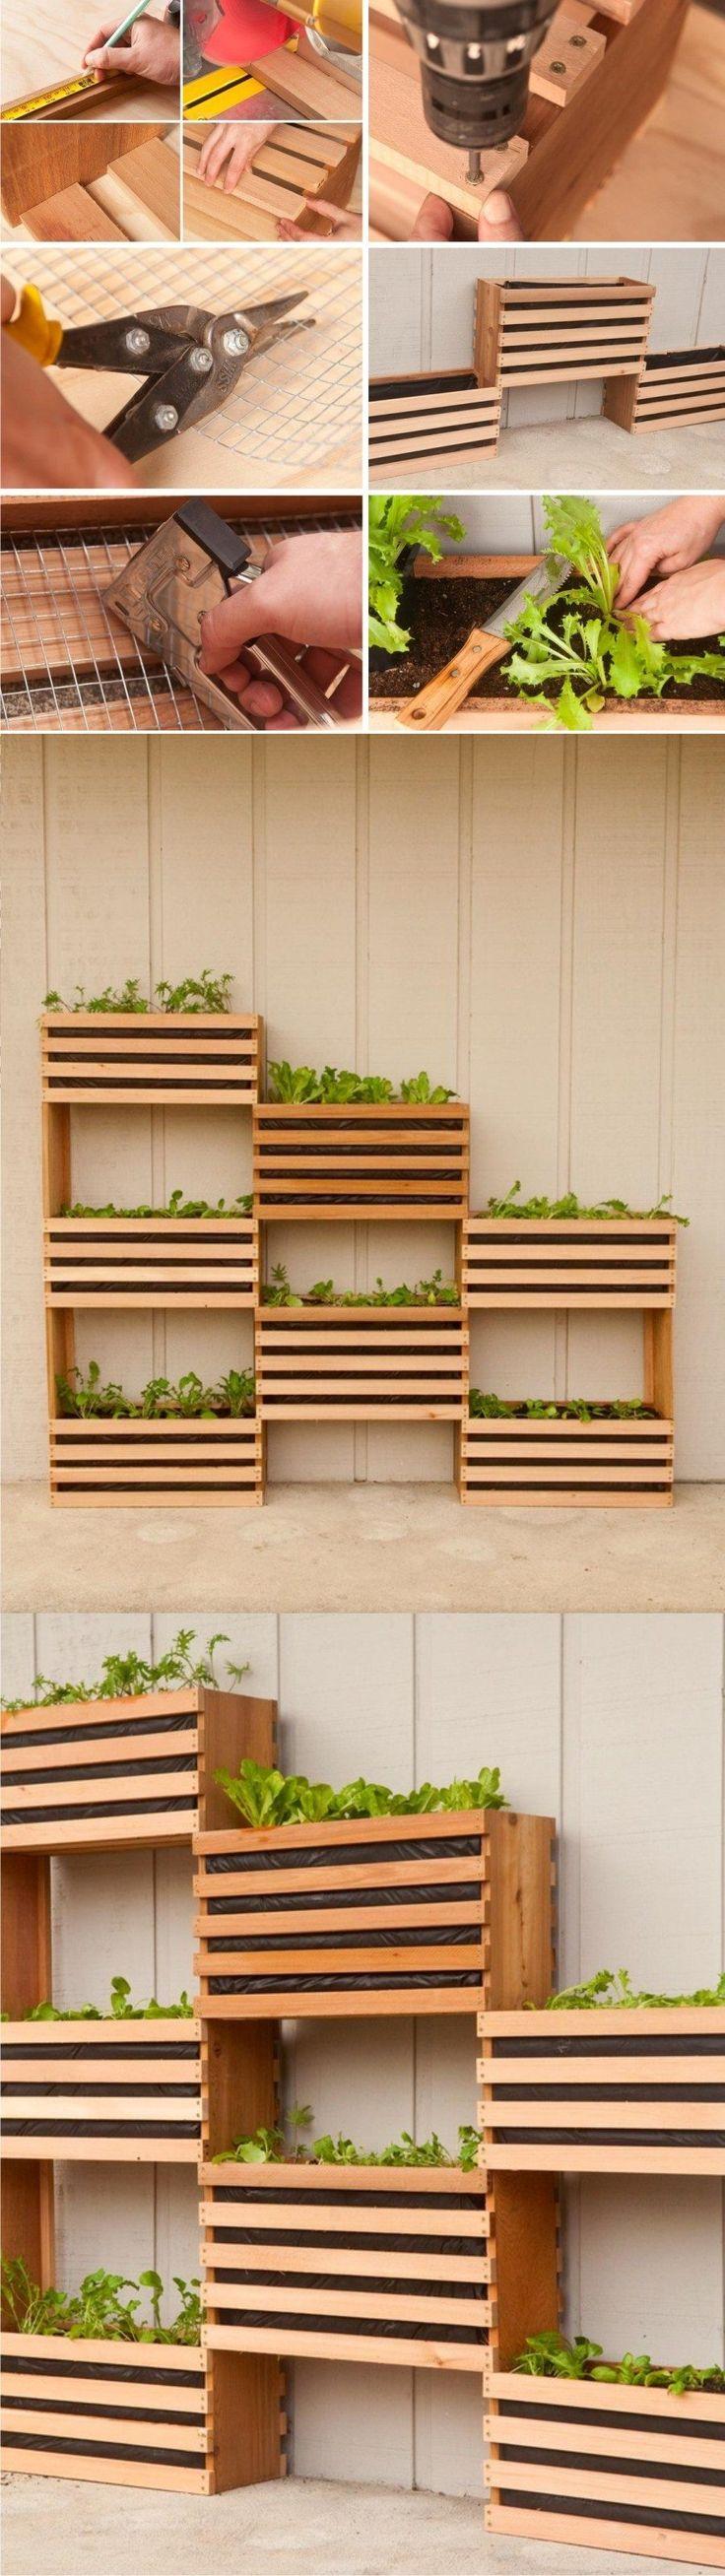 Jardín vertical DIY - Vía manmadediy.com